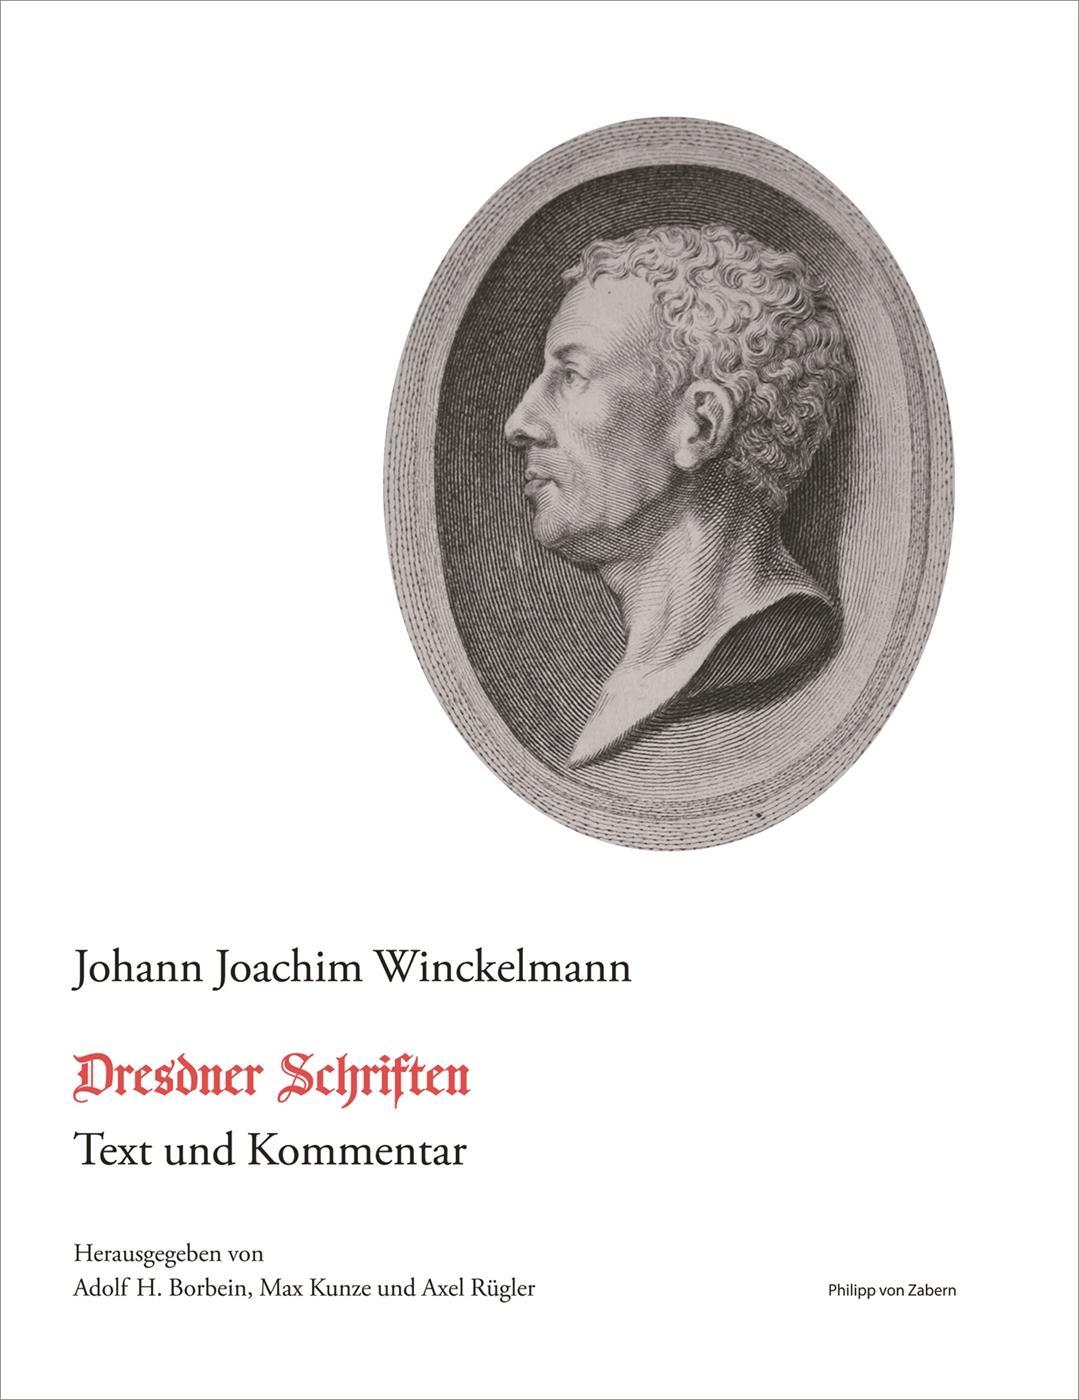 Dresdner Schriften Johann Winckelmann